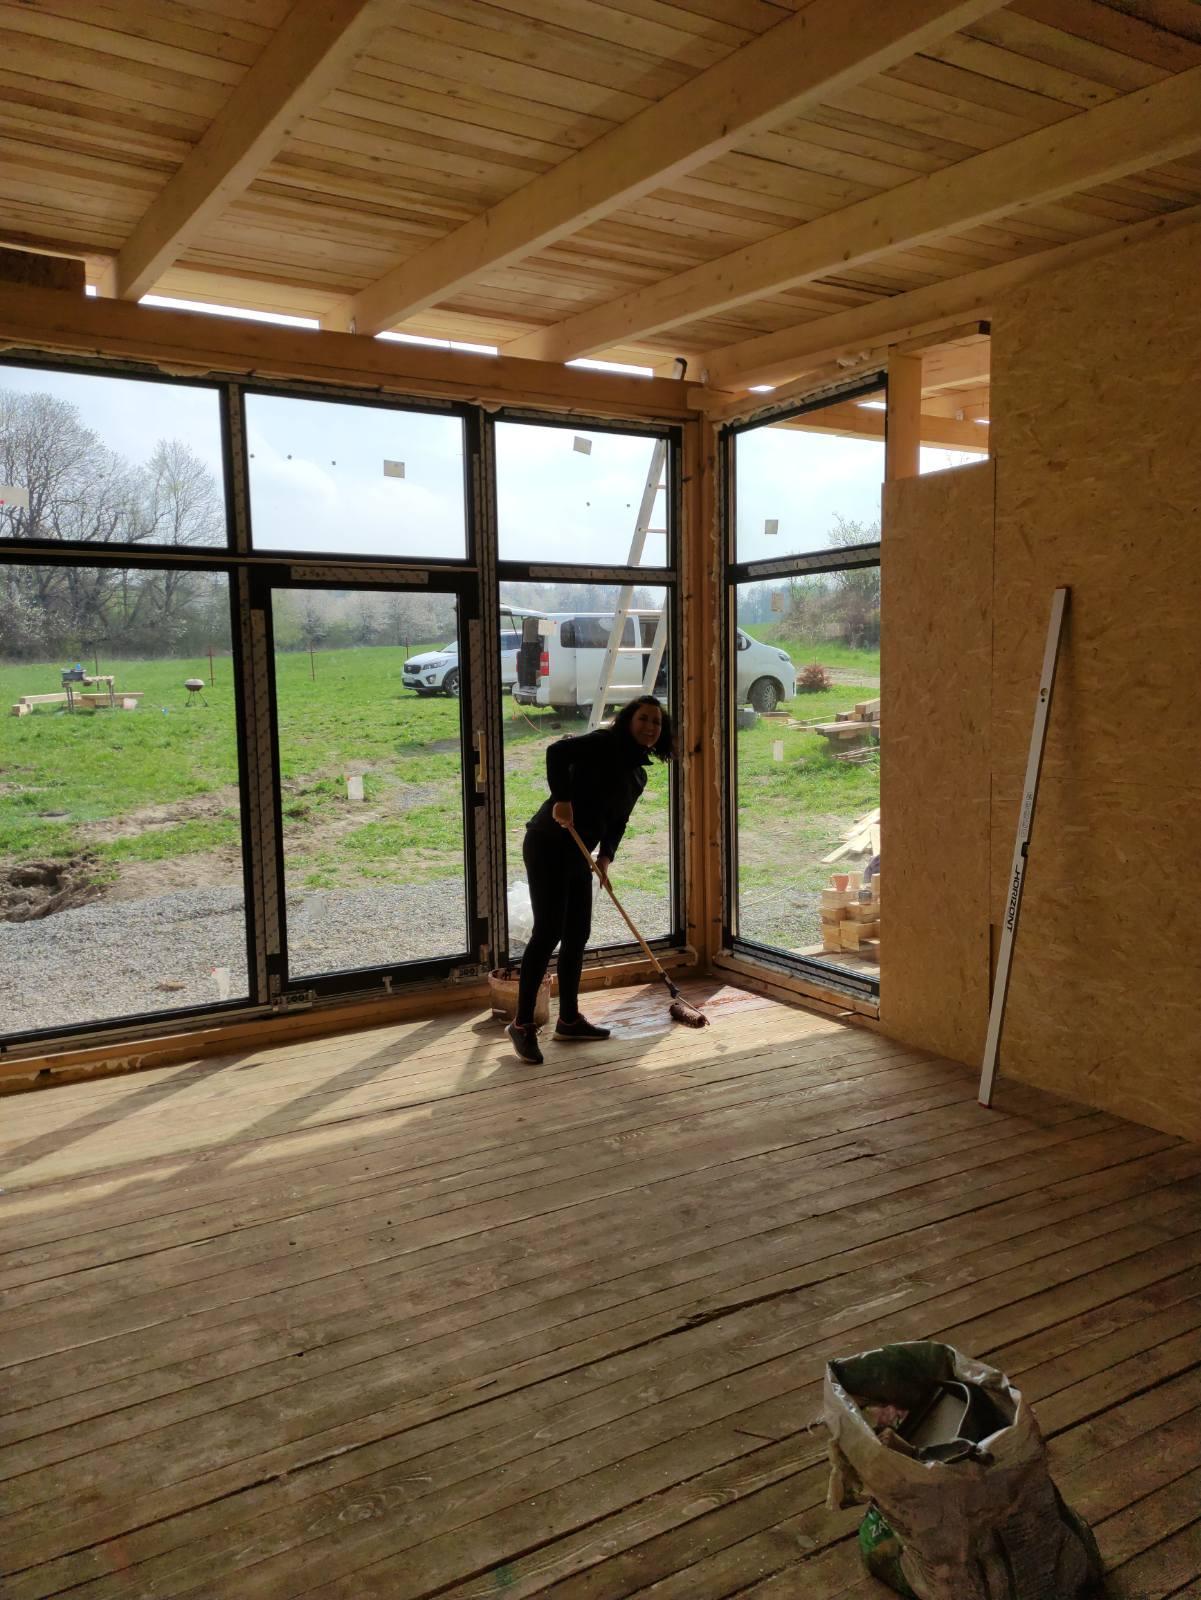 Jak bydlet za 3 měsíce - 1.květen.... Jupiiii máme okna